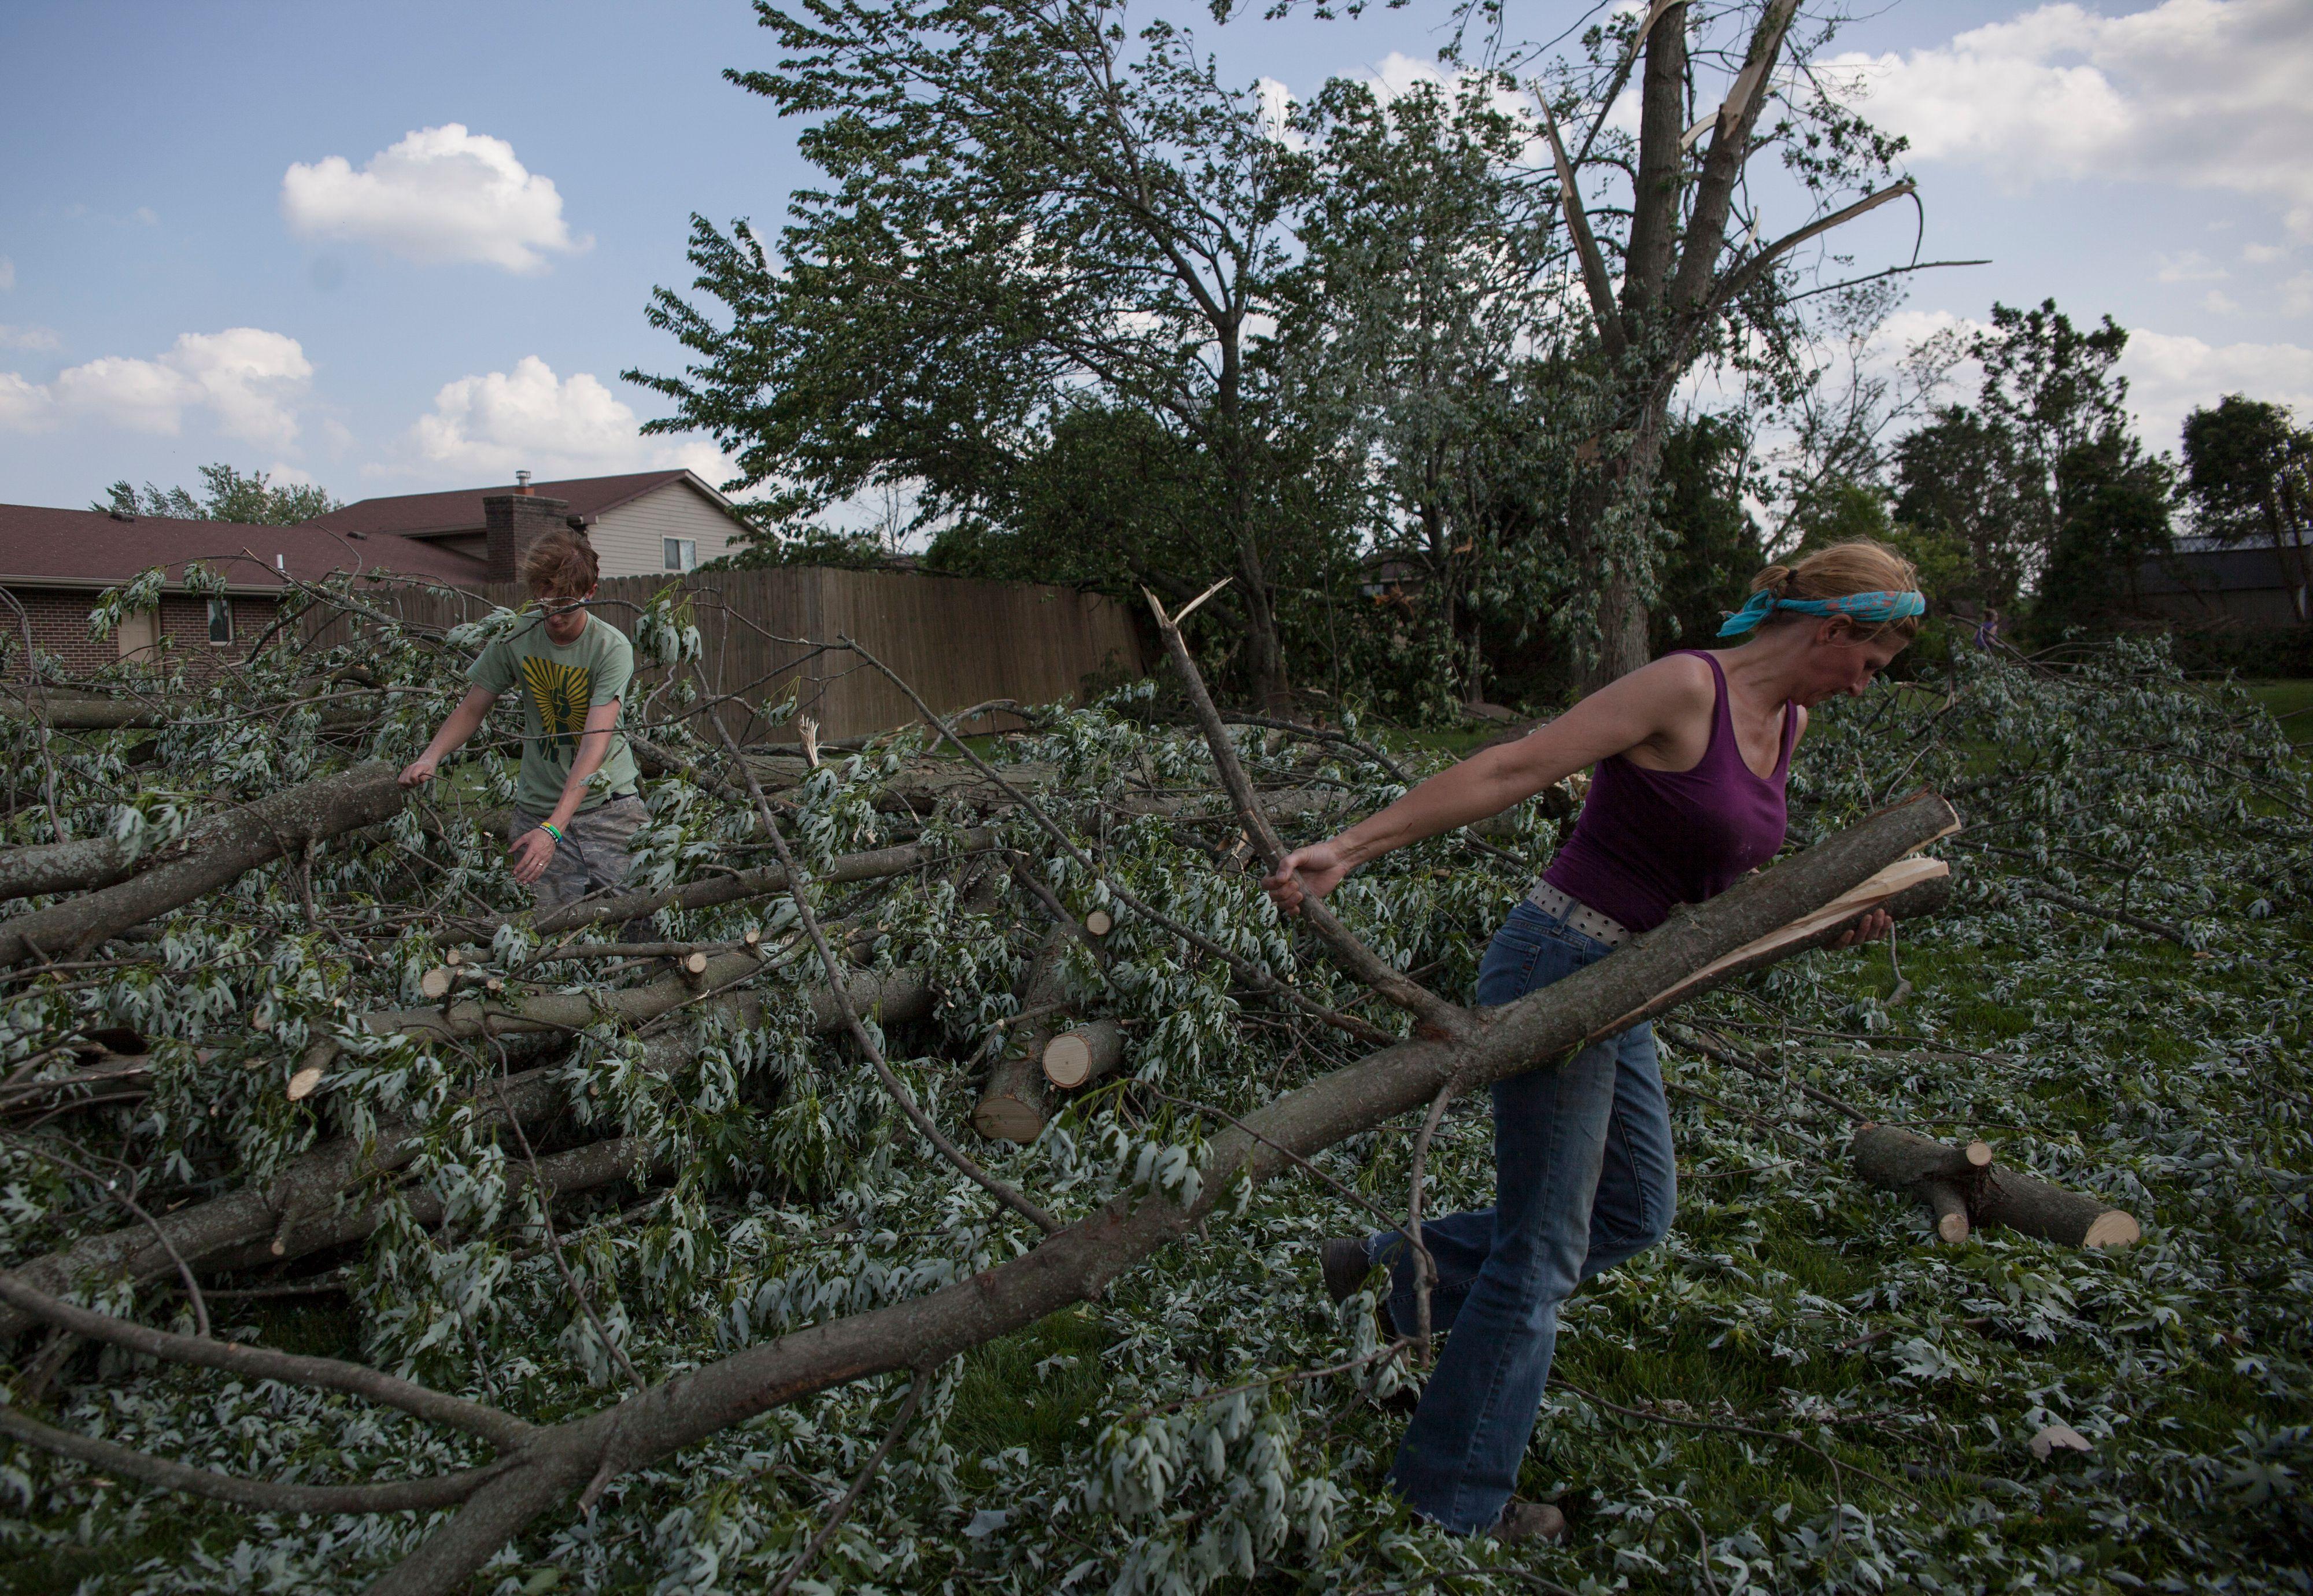 Toyota Dealership Dayton Ohio >> Photos of tornadoes in Pennsylvania, Oklahoma, Kansas and Ohio — Quartz